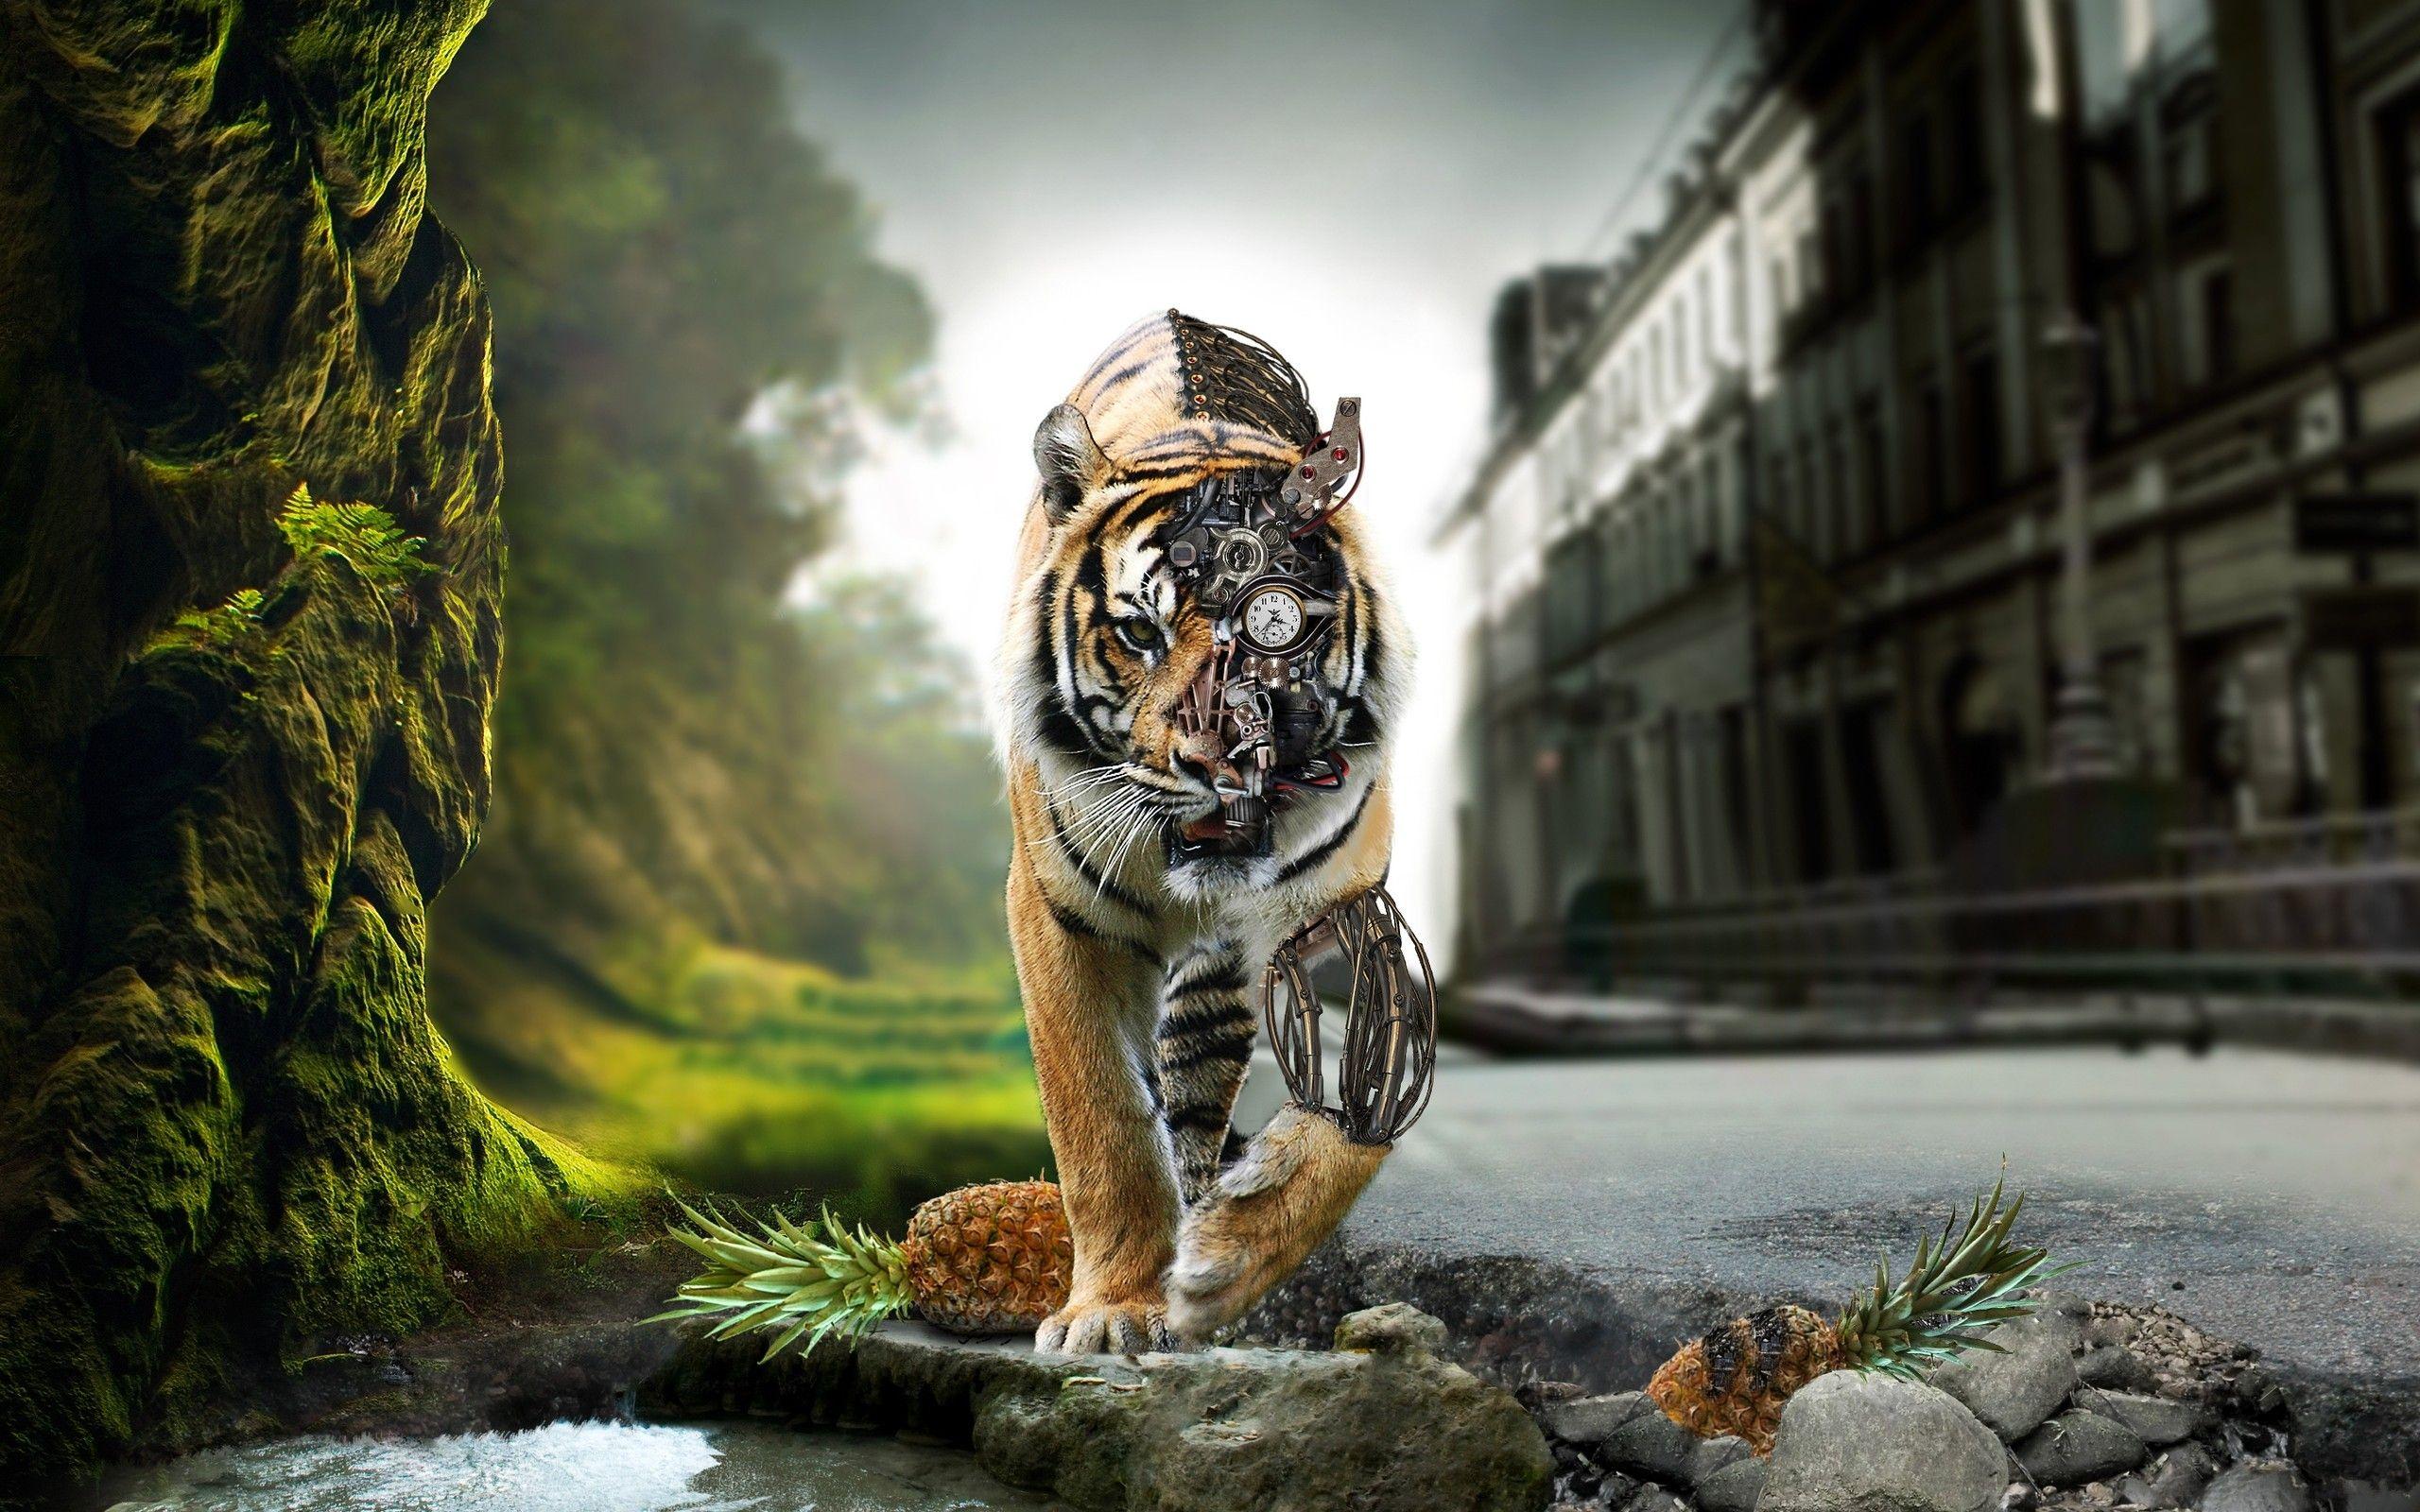 tiger photo tiger photo